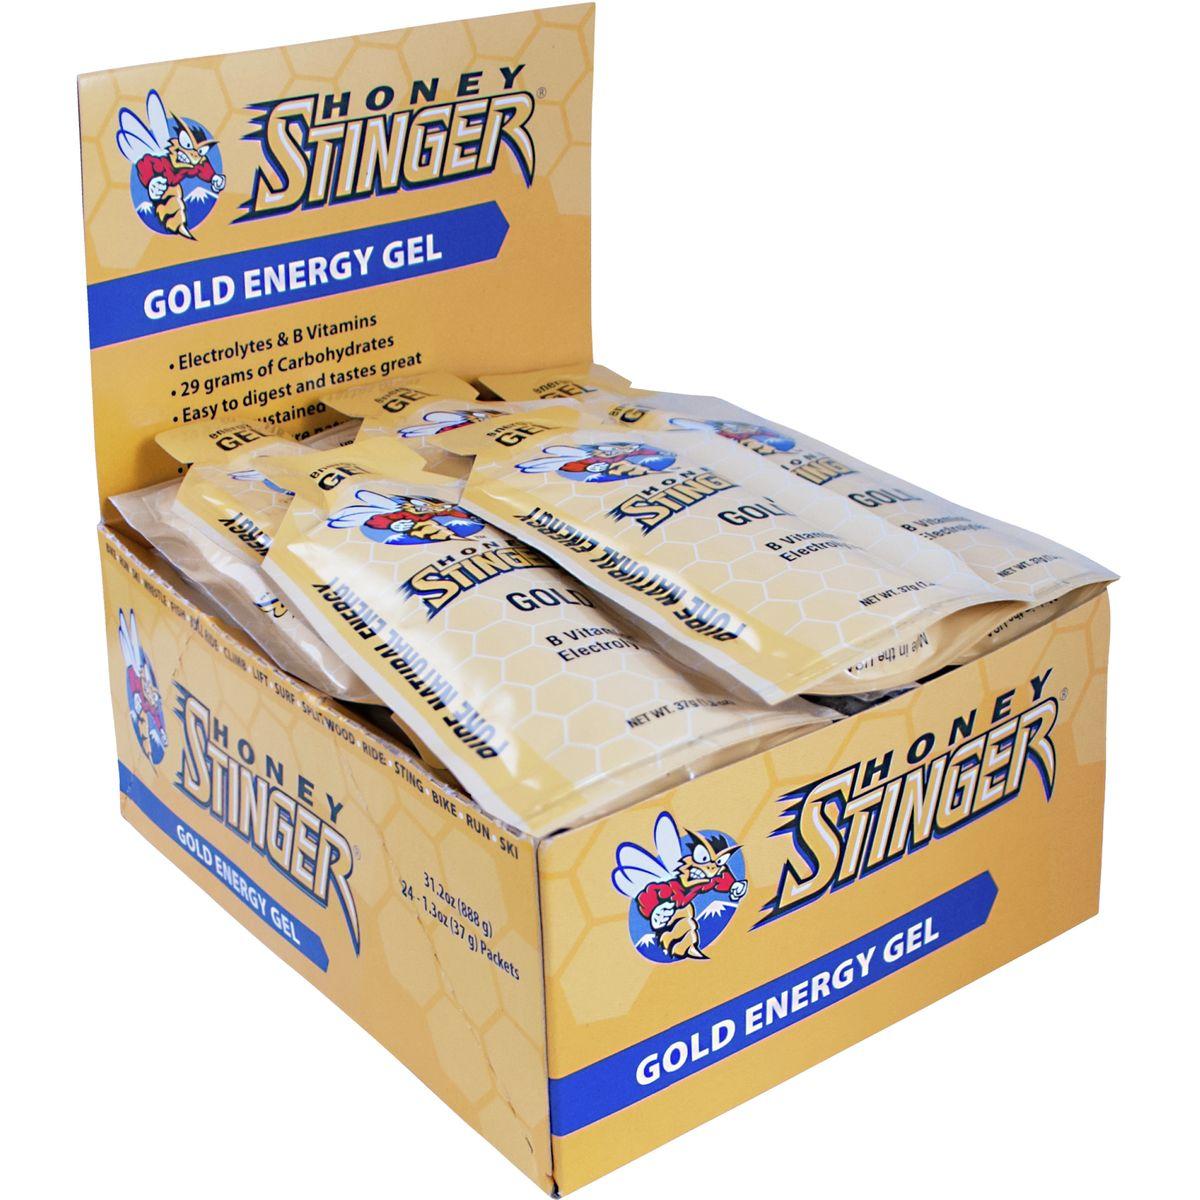 Honey Stinger Classic Energy Gel